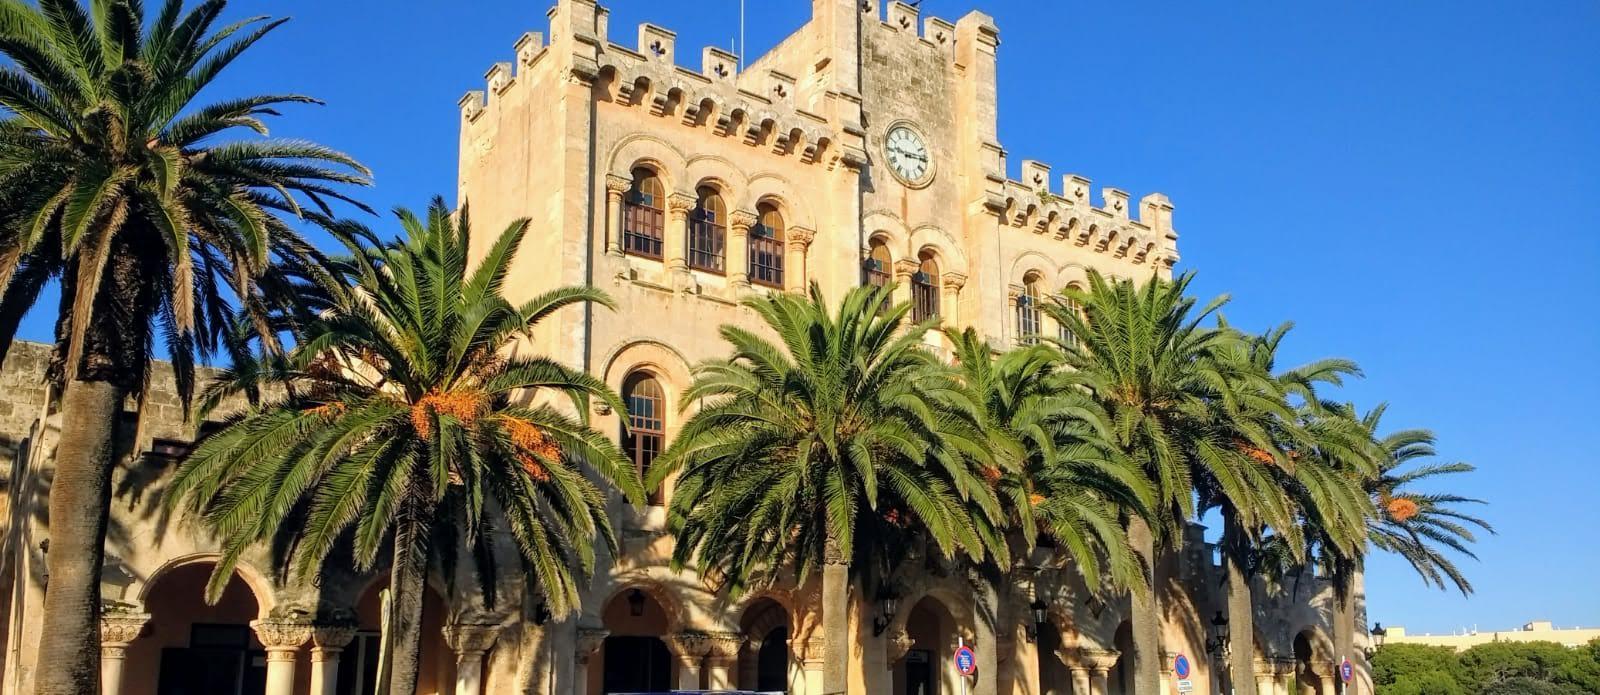 Un paseo por el casco antiguo de Ciutadella